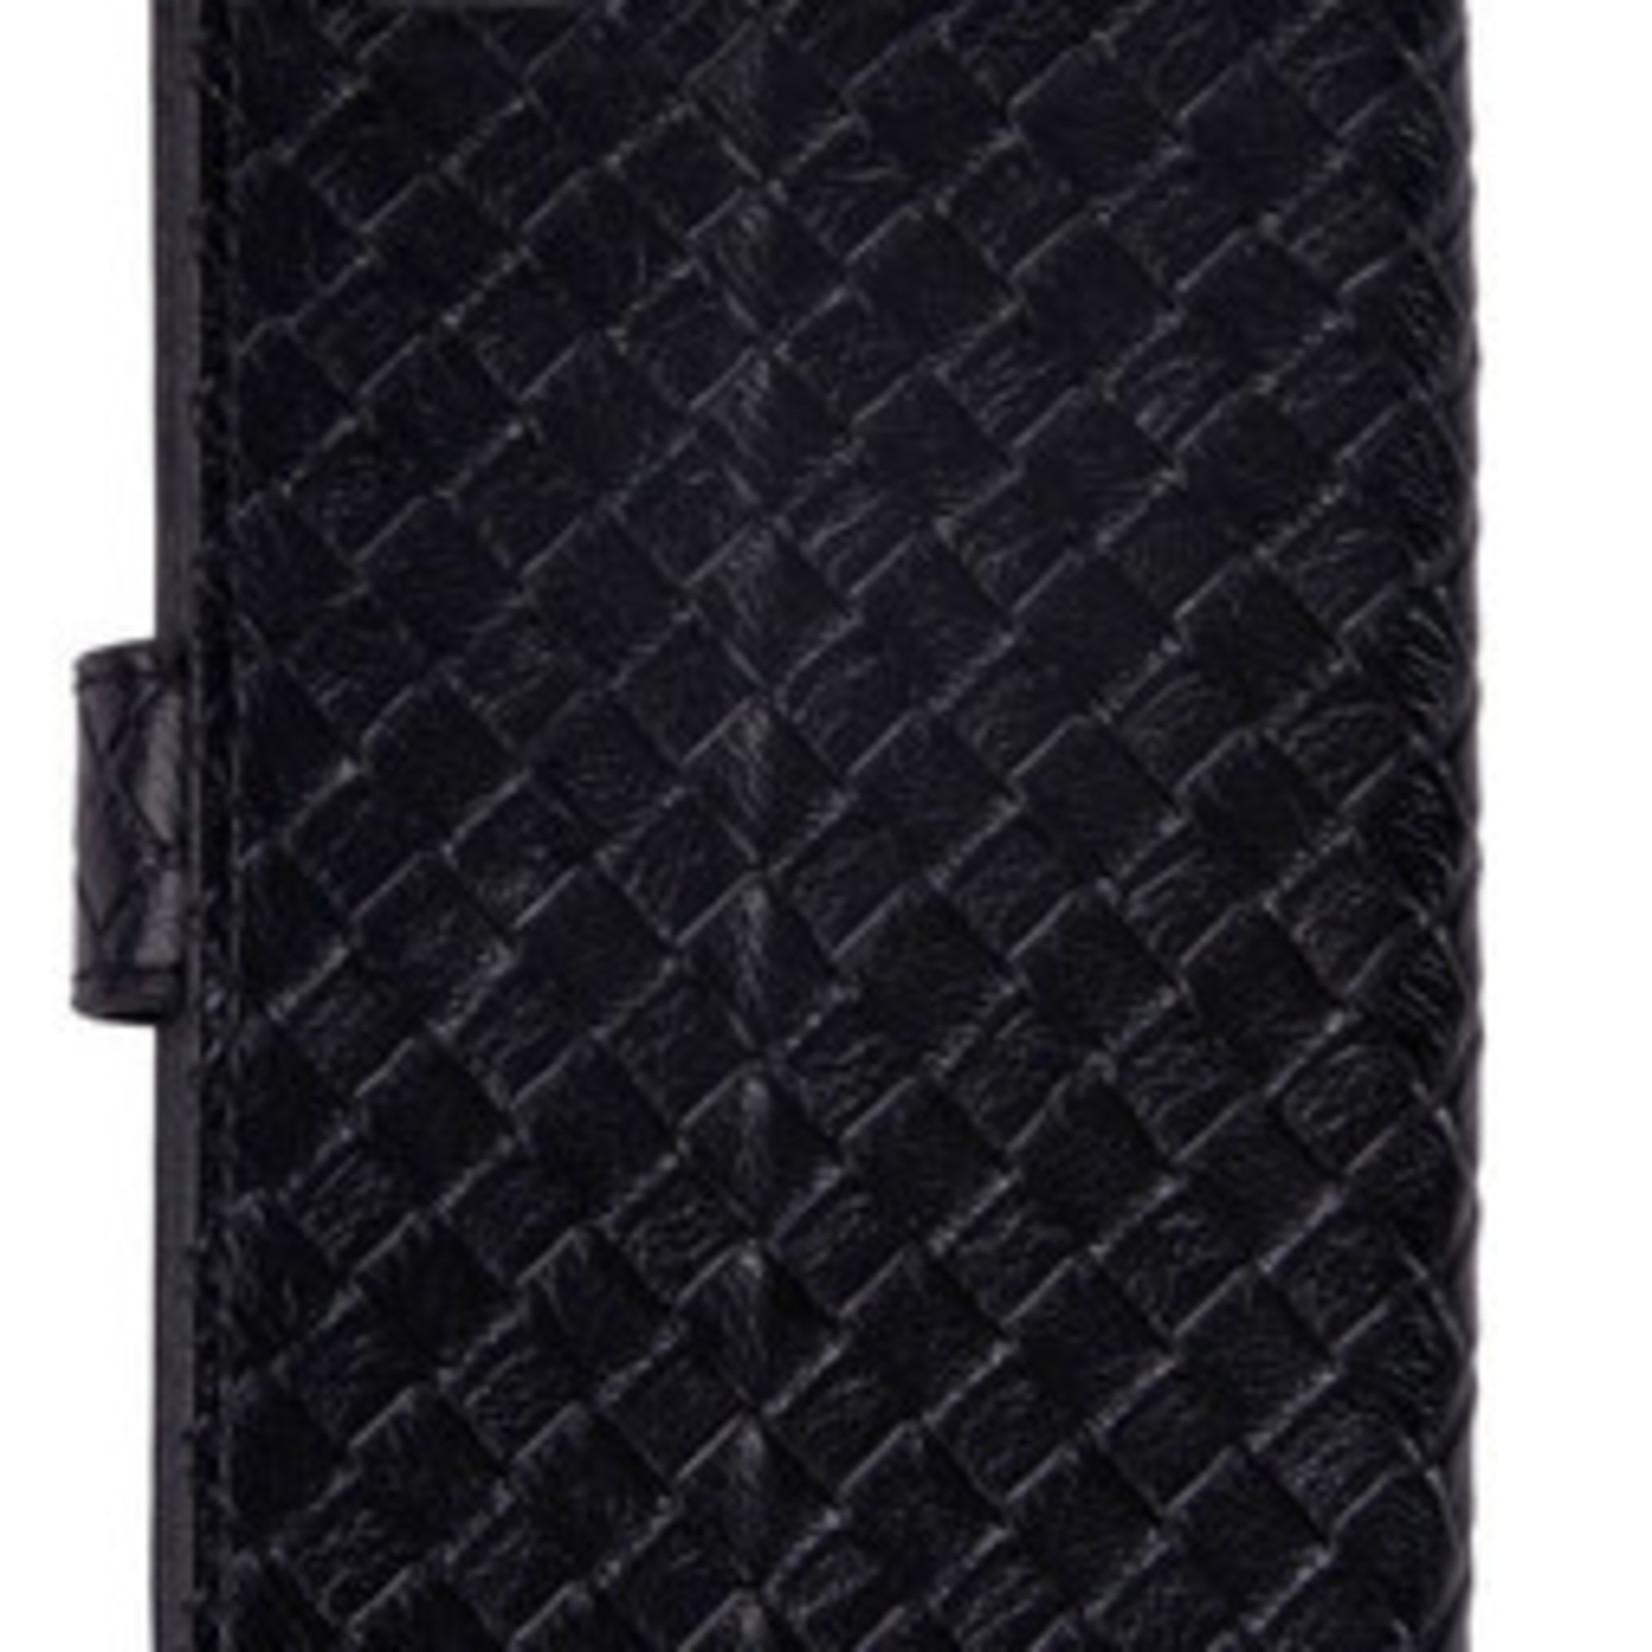 Zusss Telefoonhoesje - Samsung S9 - Zwart